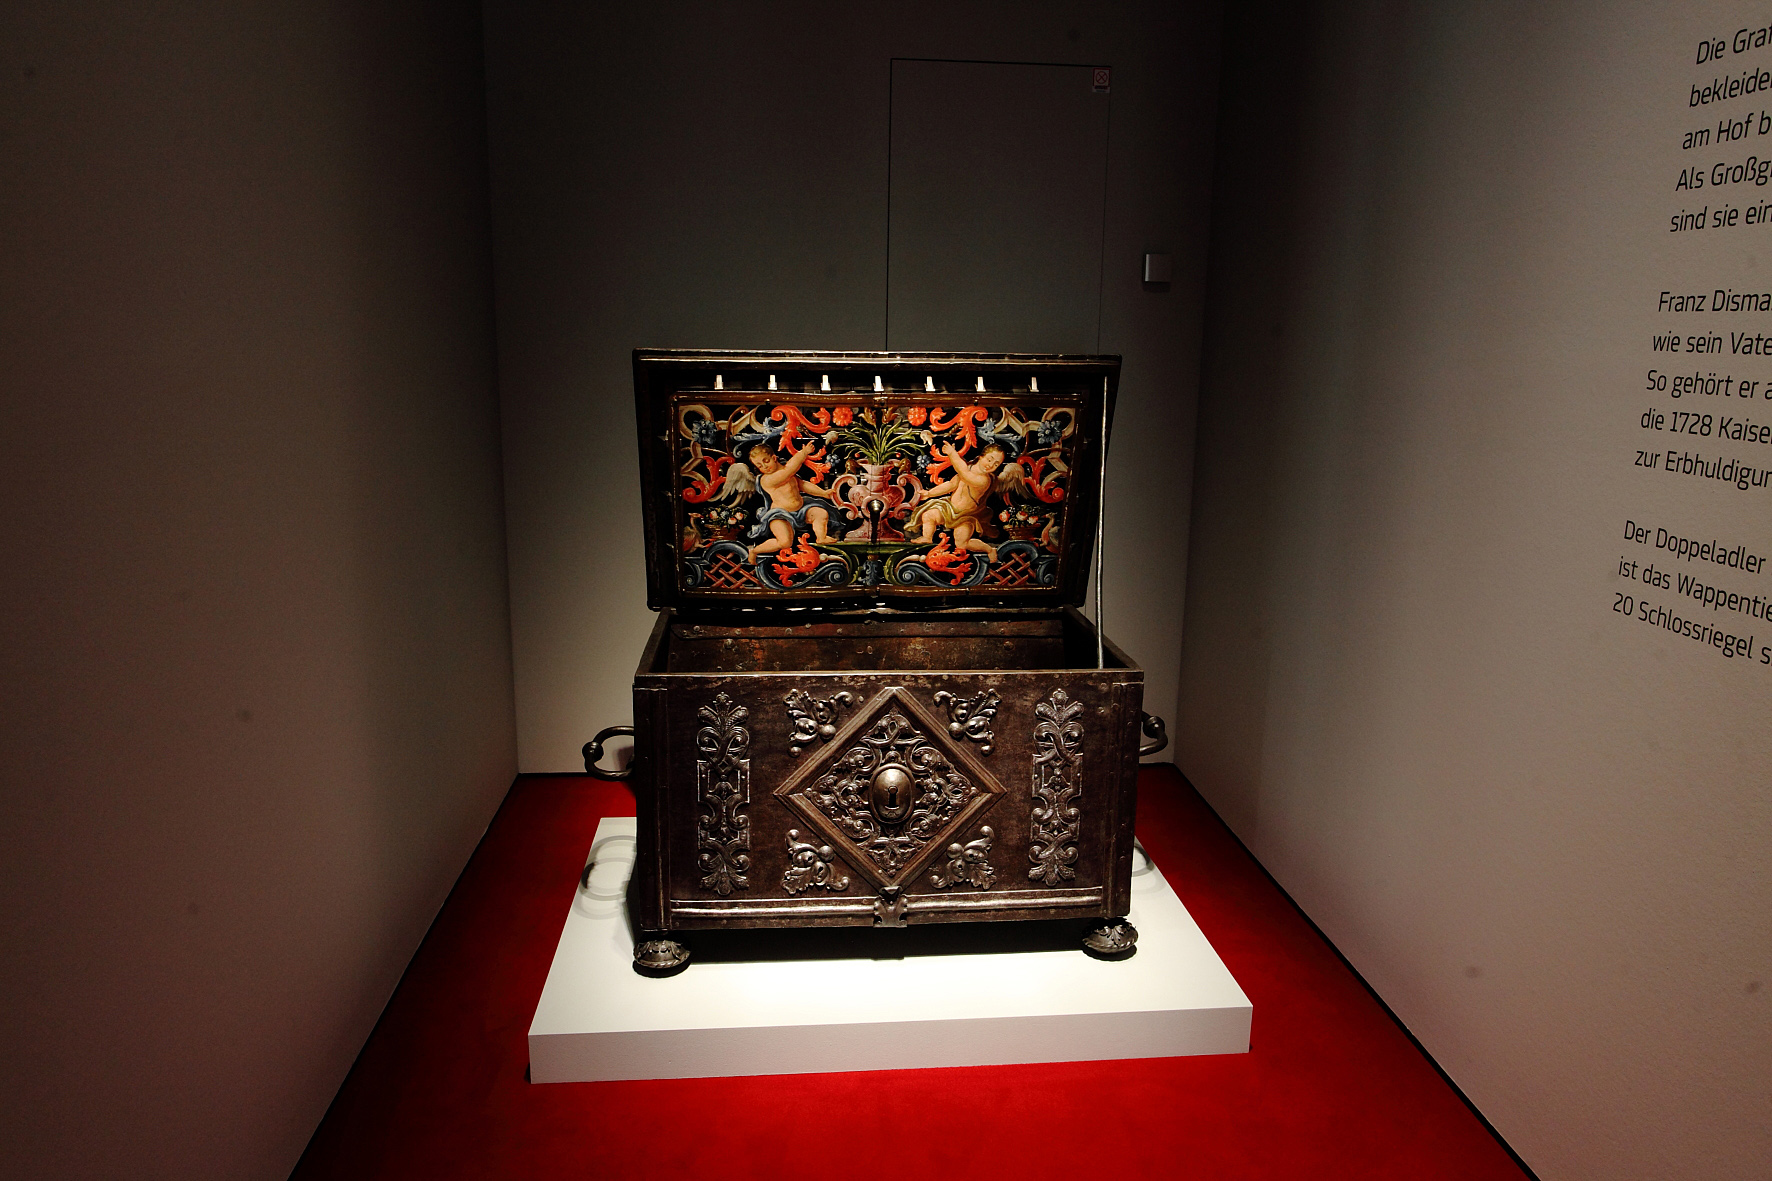 """Die Kulturhistorische Sammlung wird oftmals auch die """"Schatzkammer der Steiermark"""" genannt"""". Foto: N. Lackner [Objekt: Geldtruhe des Franz Dismas Graf von Attems, Steiermark, 1733]"""